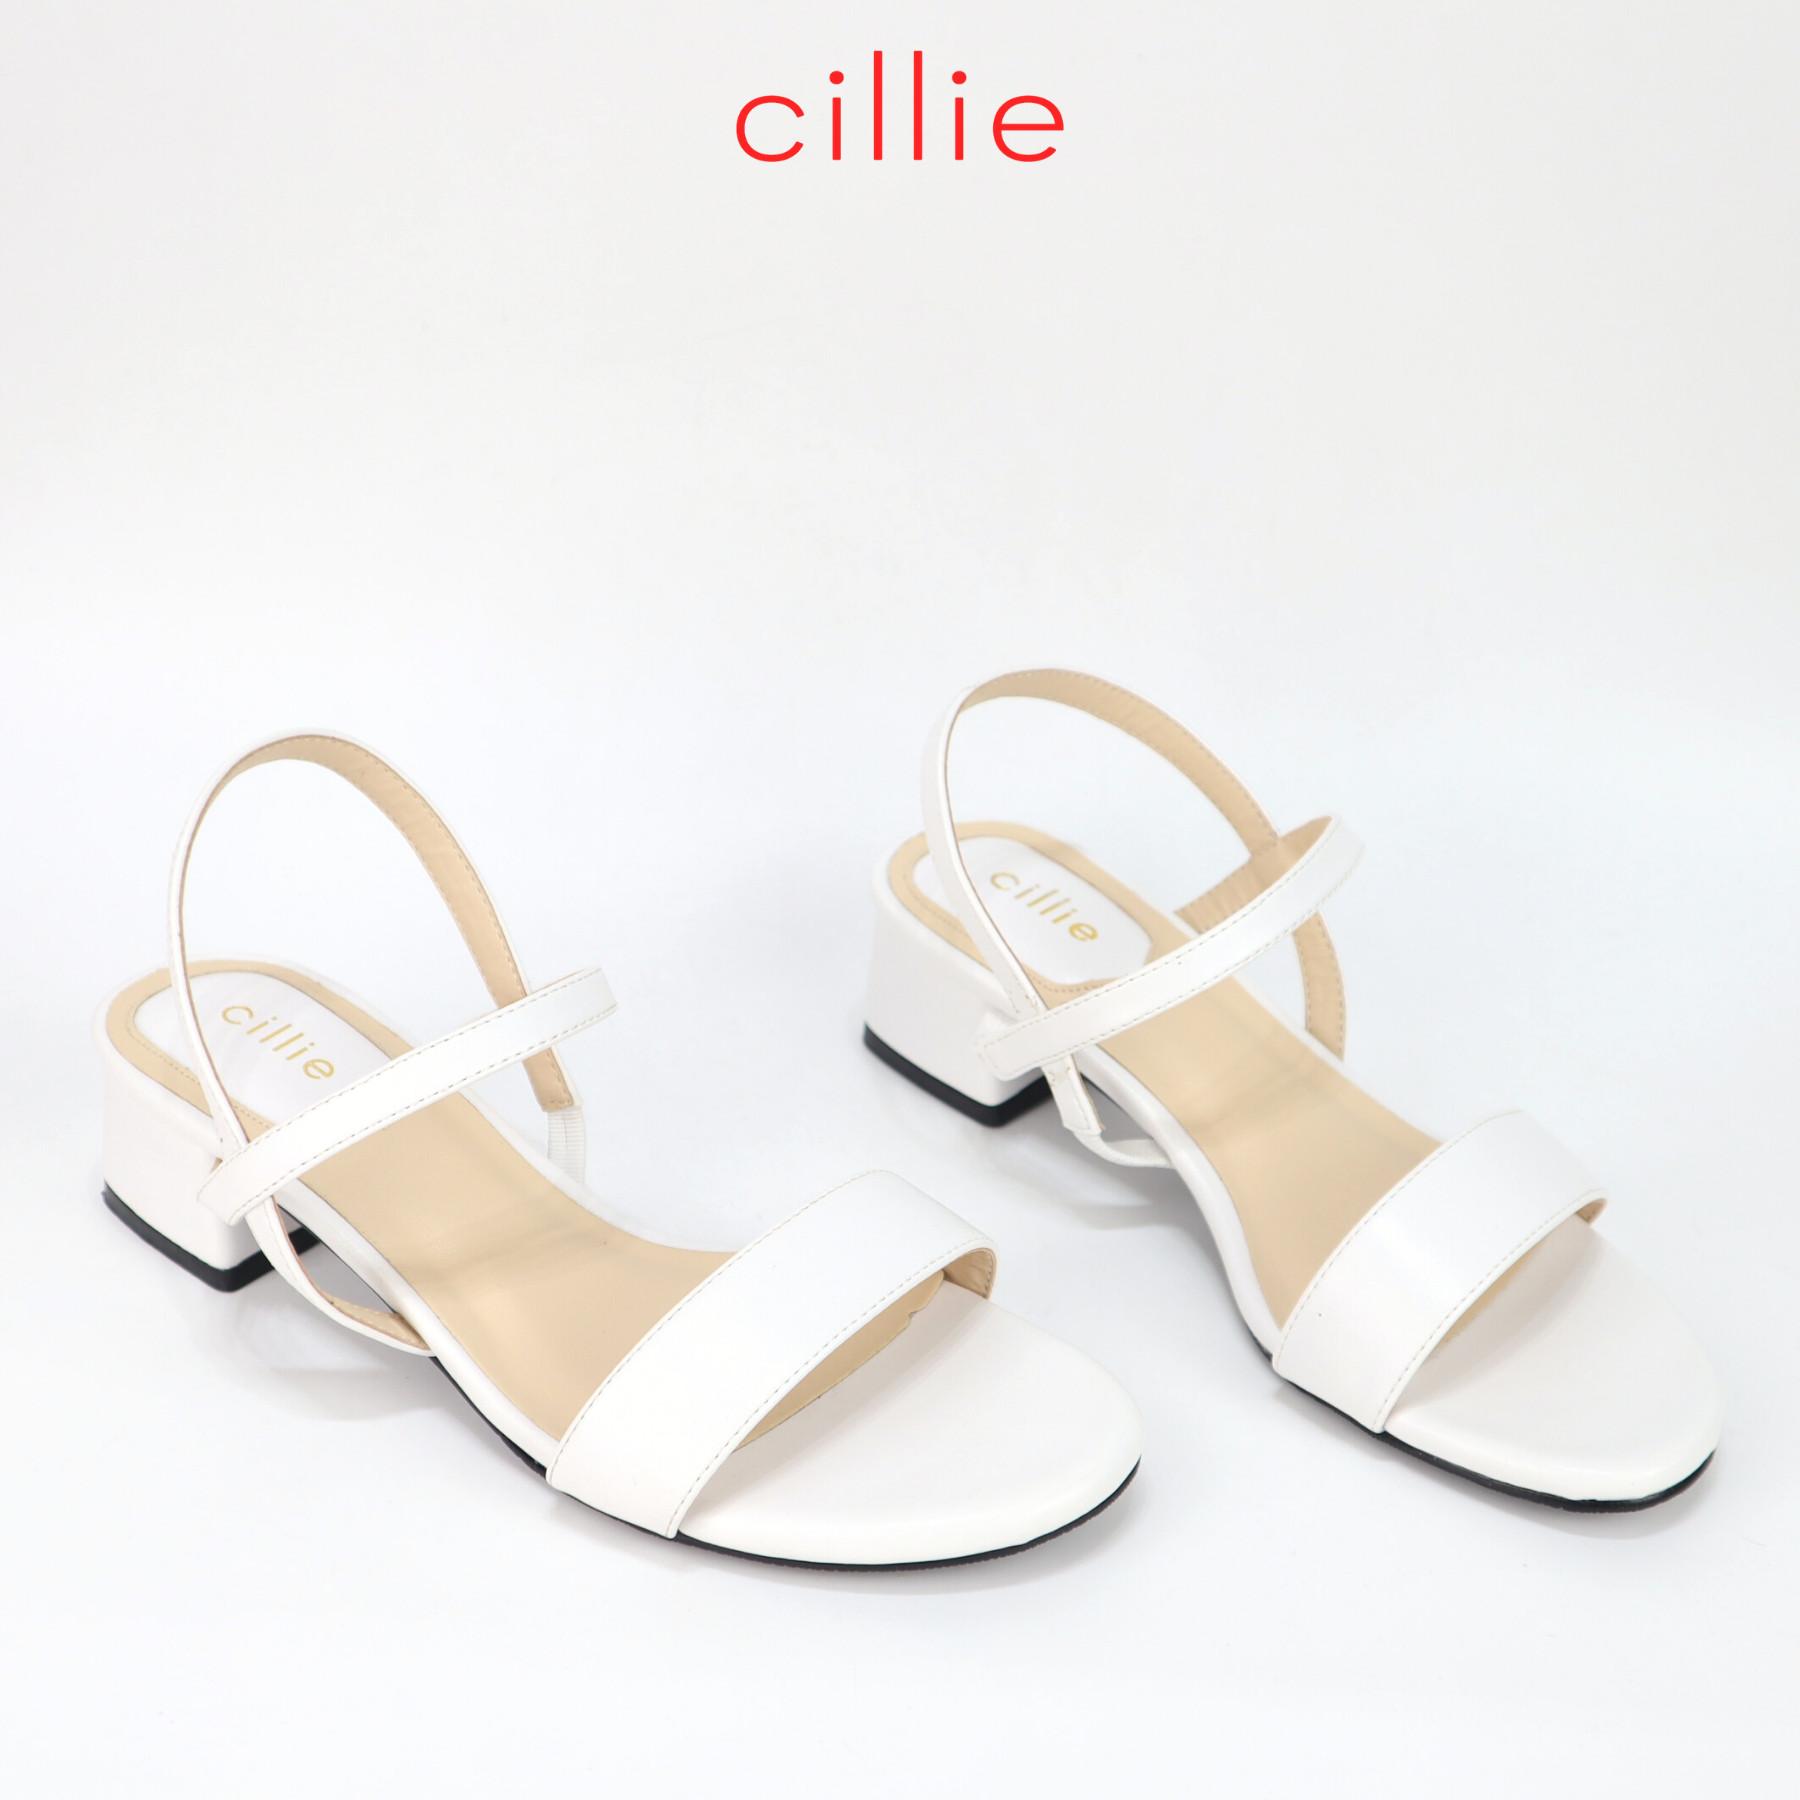 Giày sandal nữ quai ngang gót vuông cao 3cm Cillie 1011